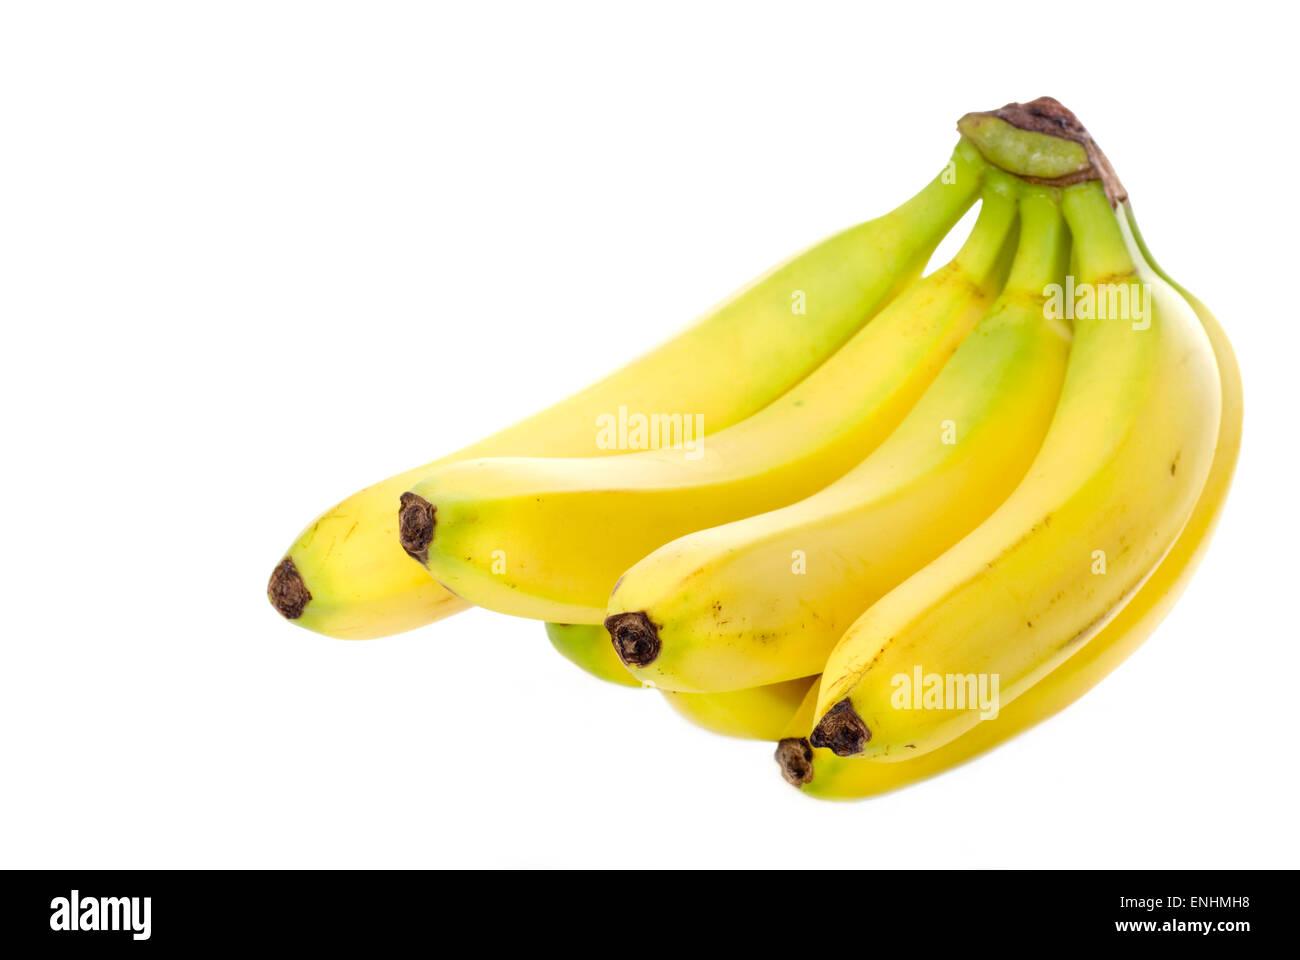 Organic bananas on white background. - Stock Image